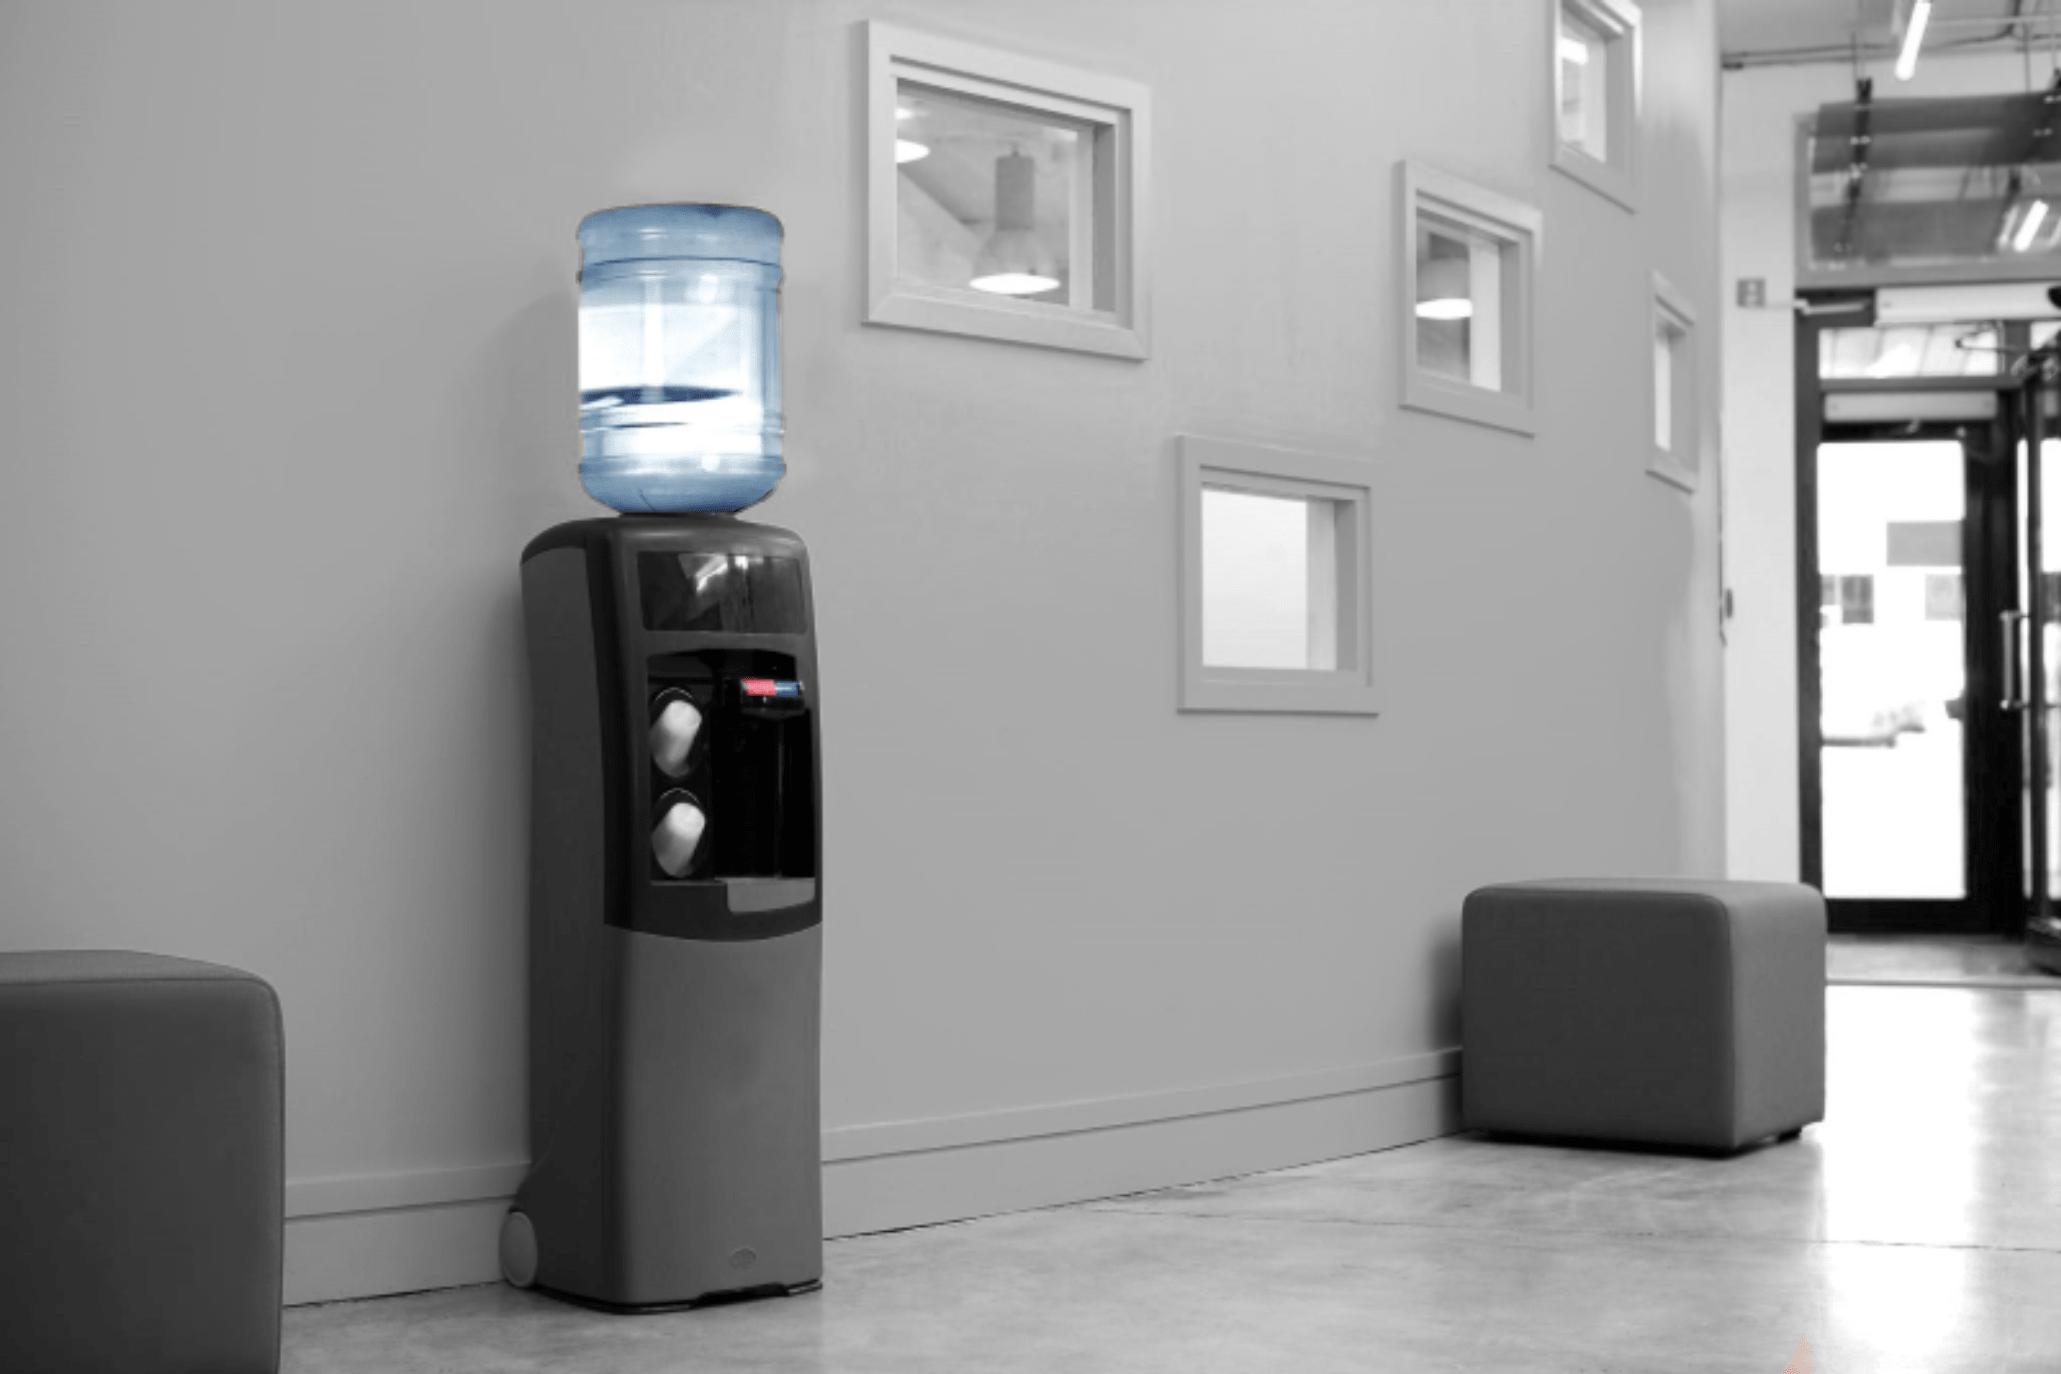 Fontaine à eau 2AD réseau ou bonbonne : laquelle choisirez-vous?